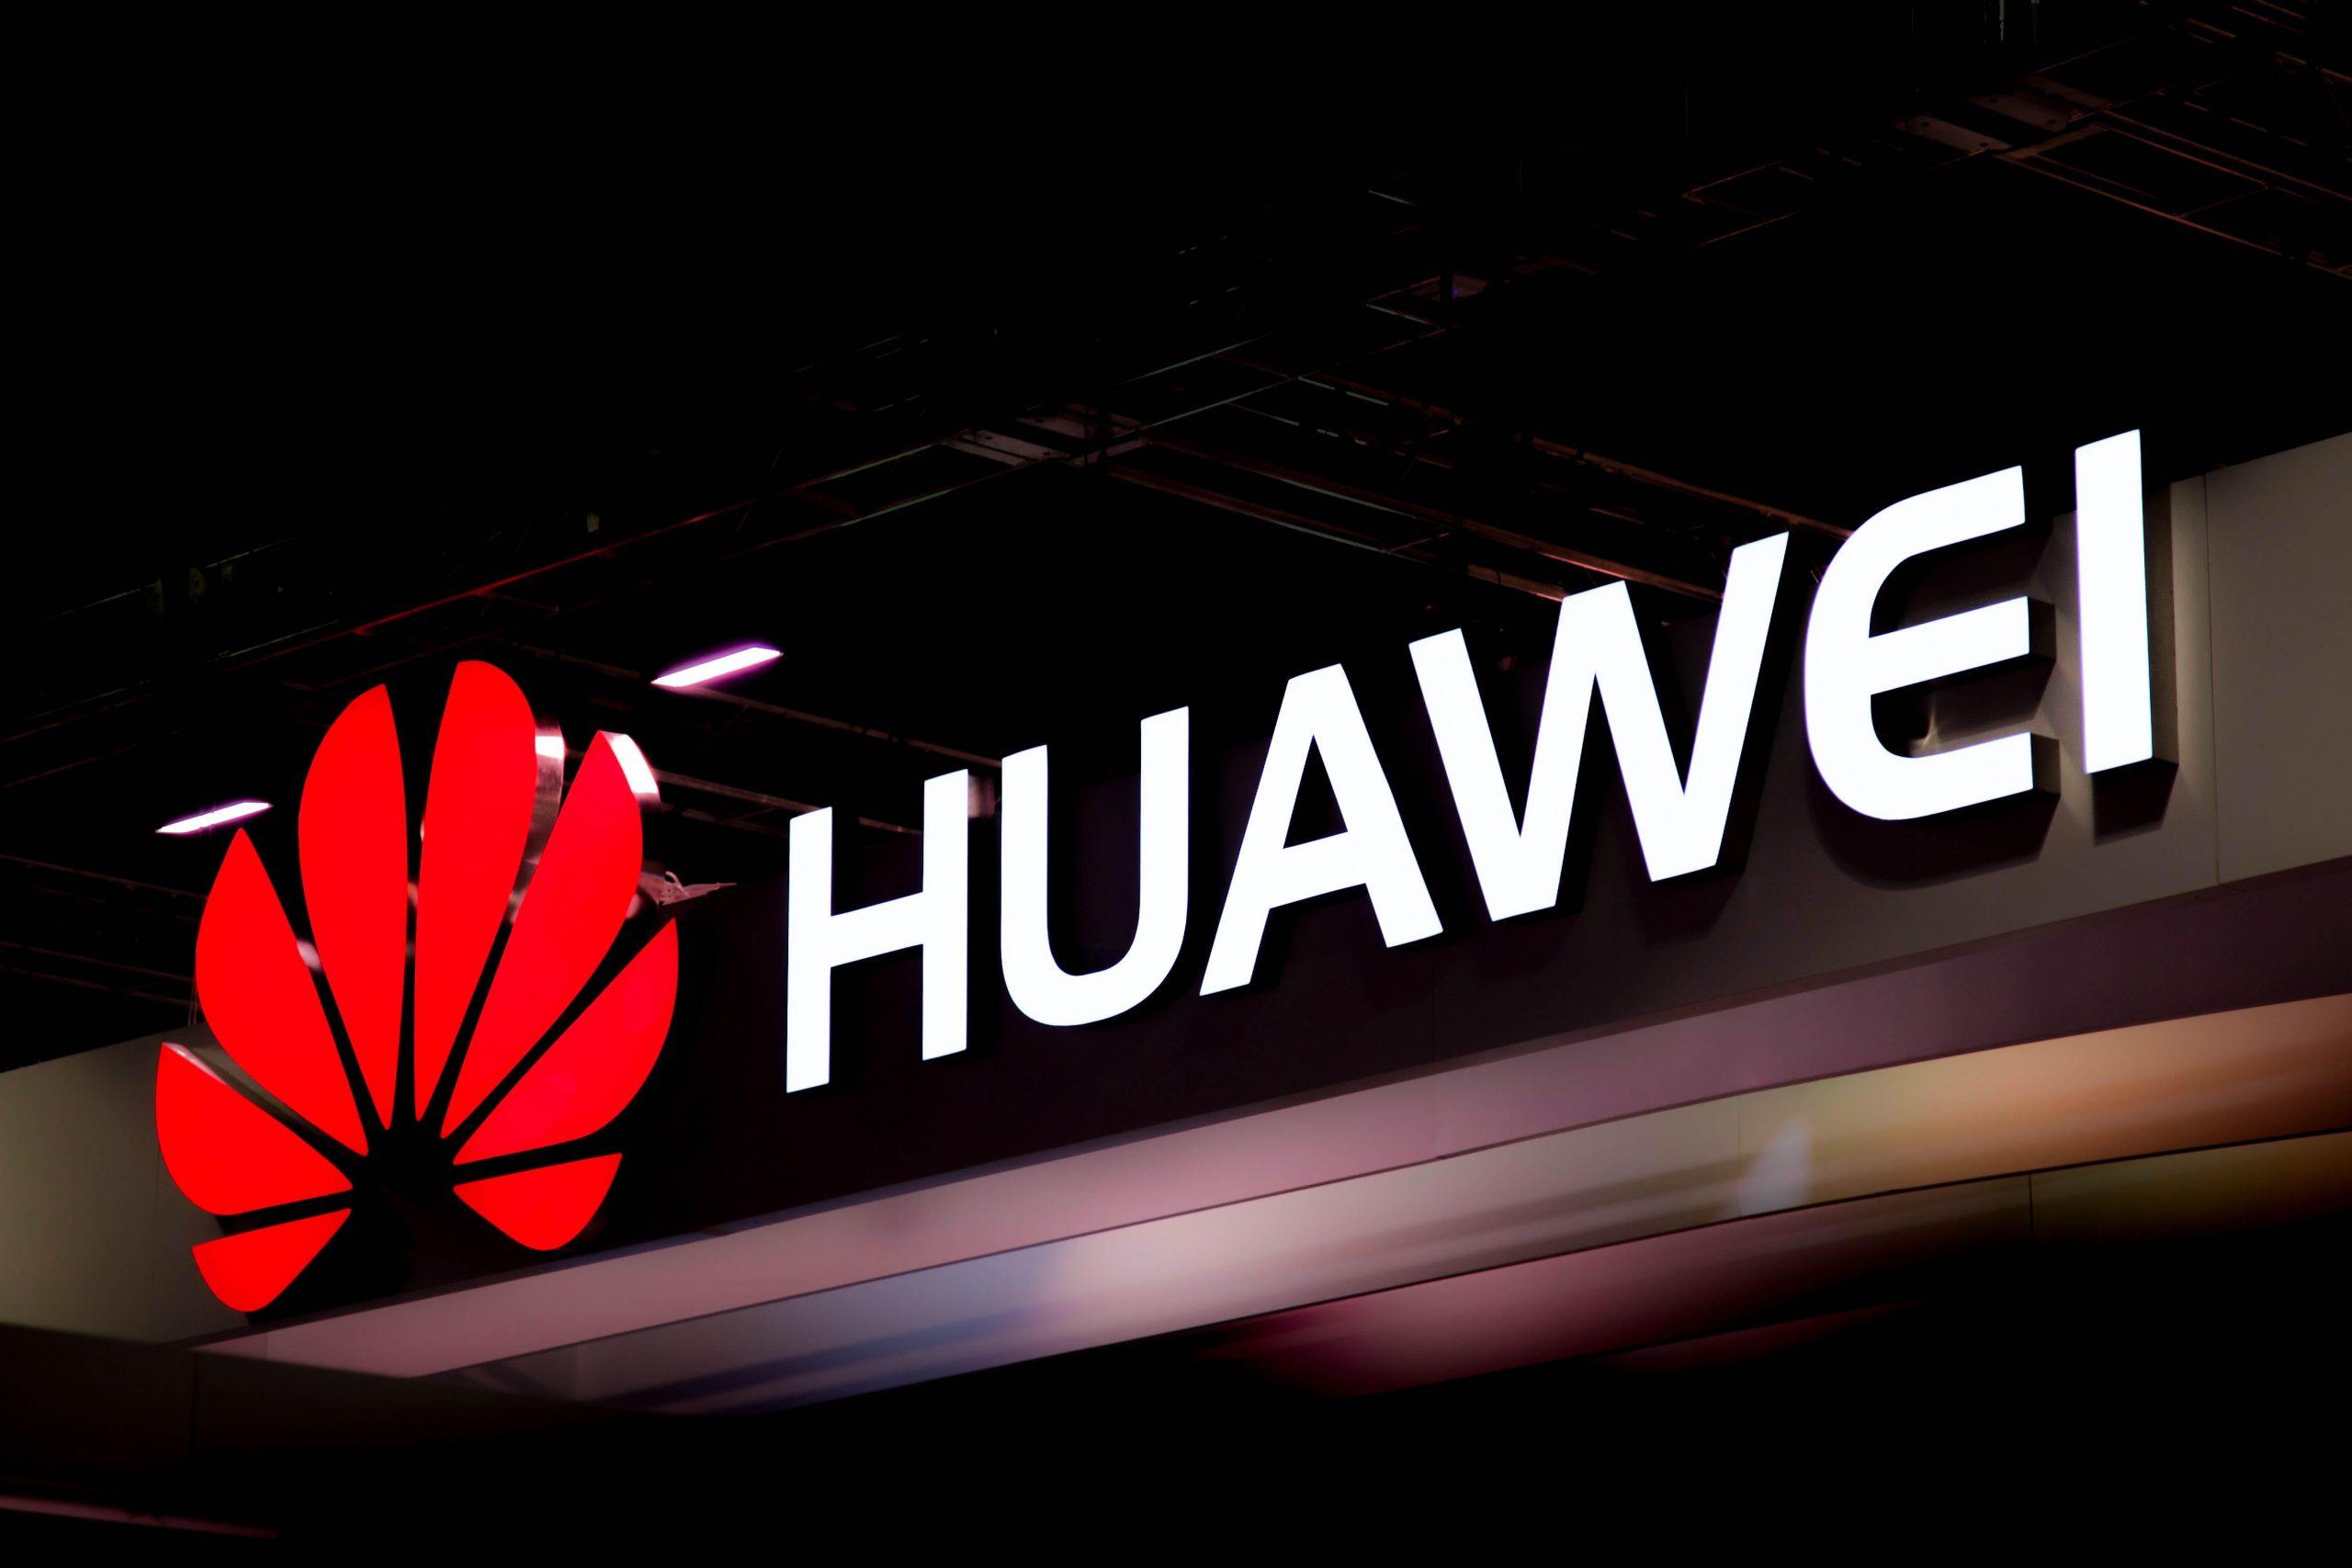 EU presiona para sacar a Huawei de Unión Europea